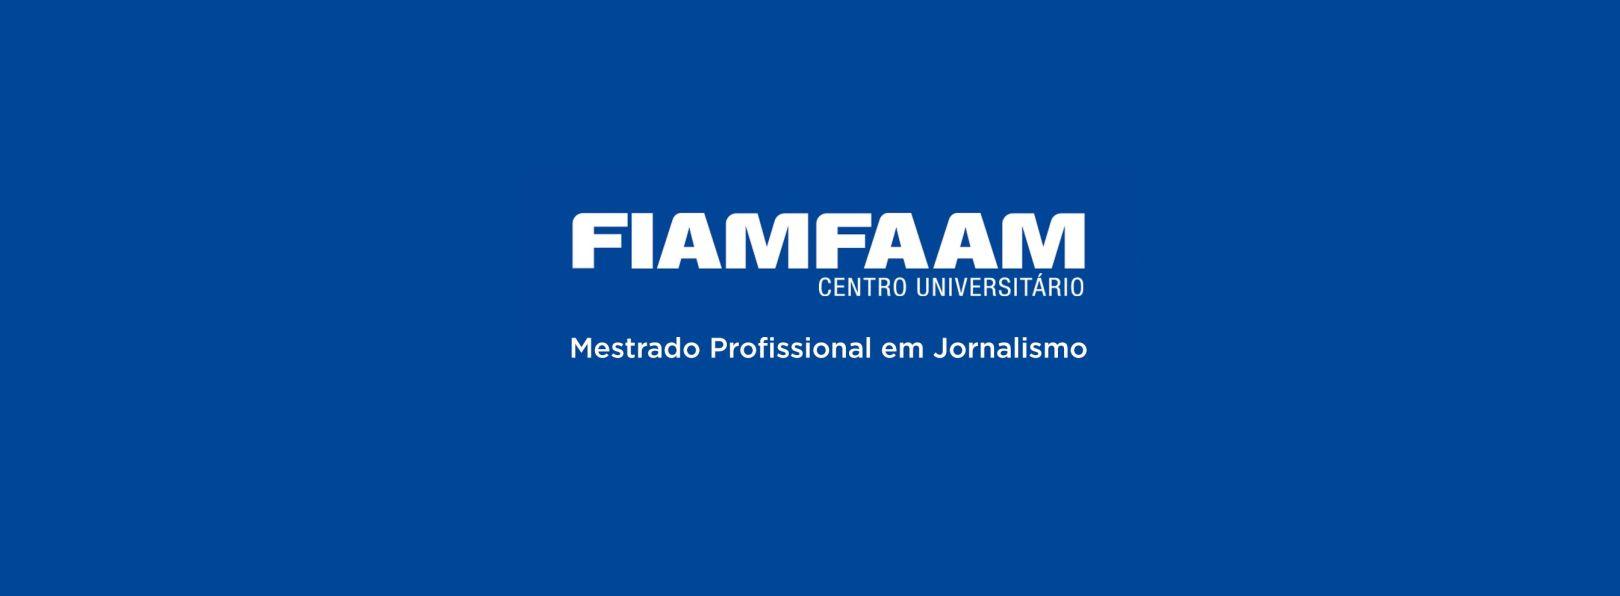 FIAM FAAM